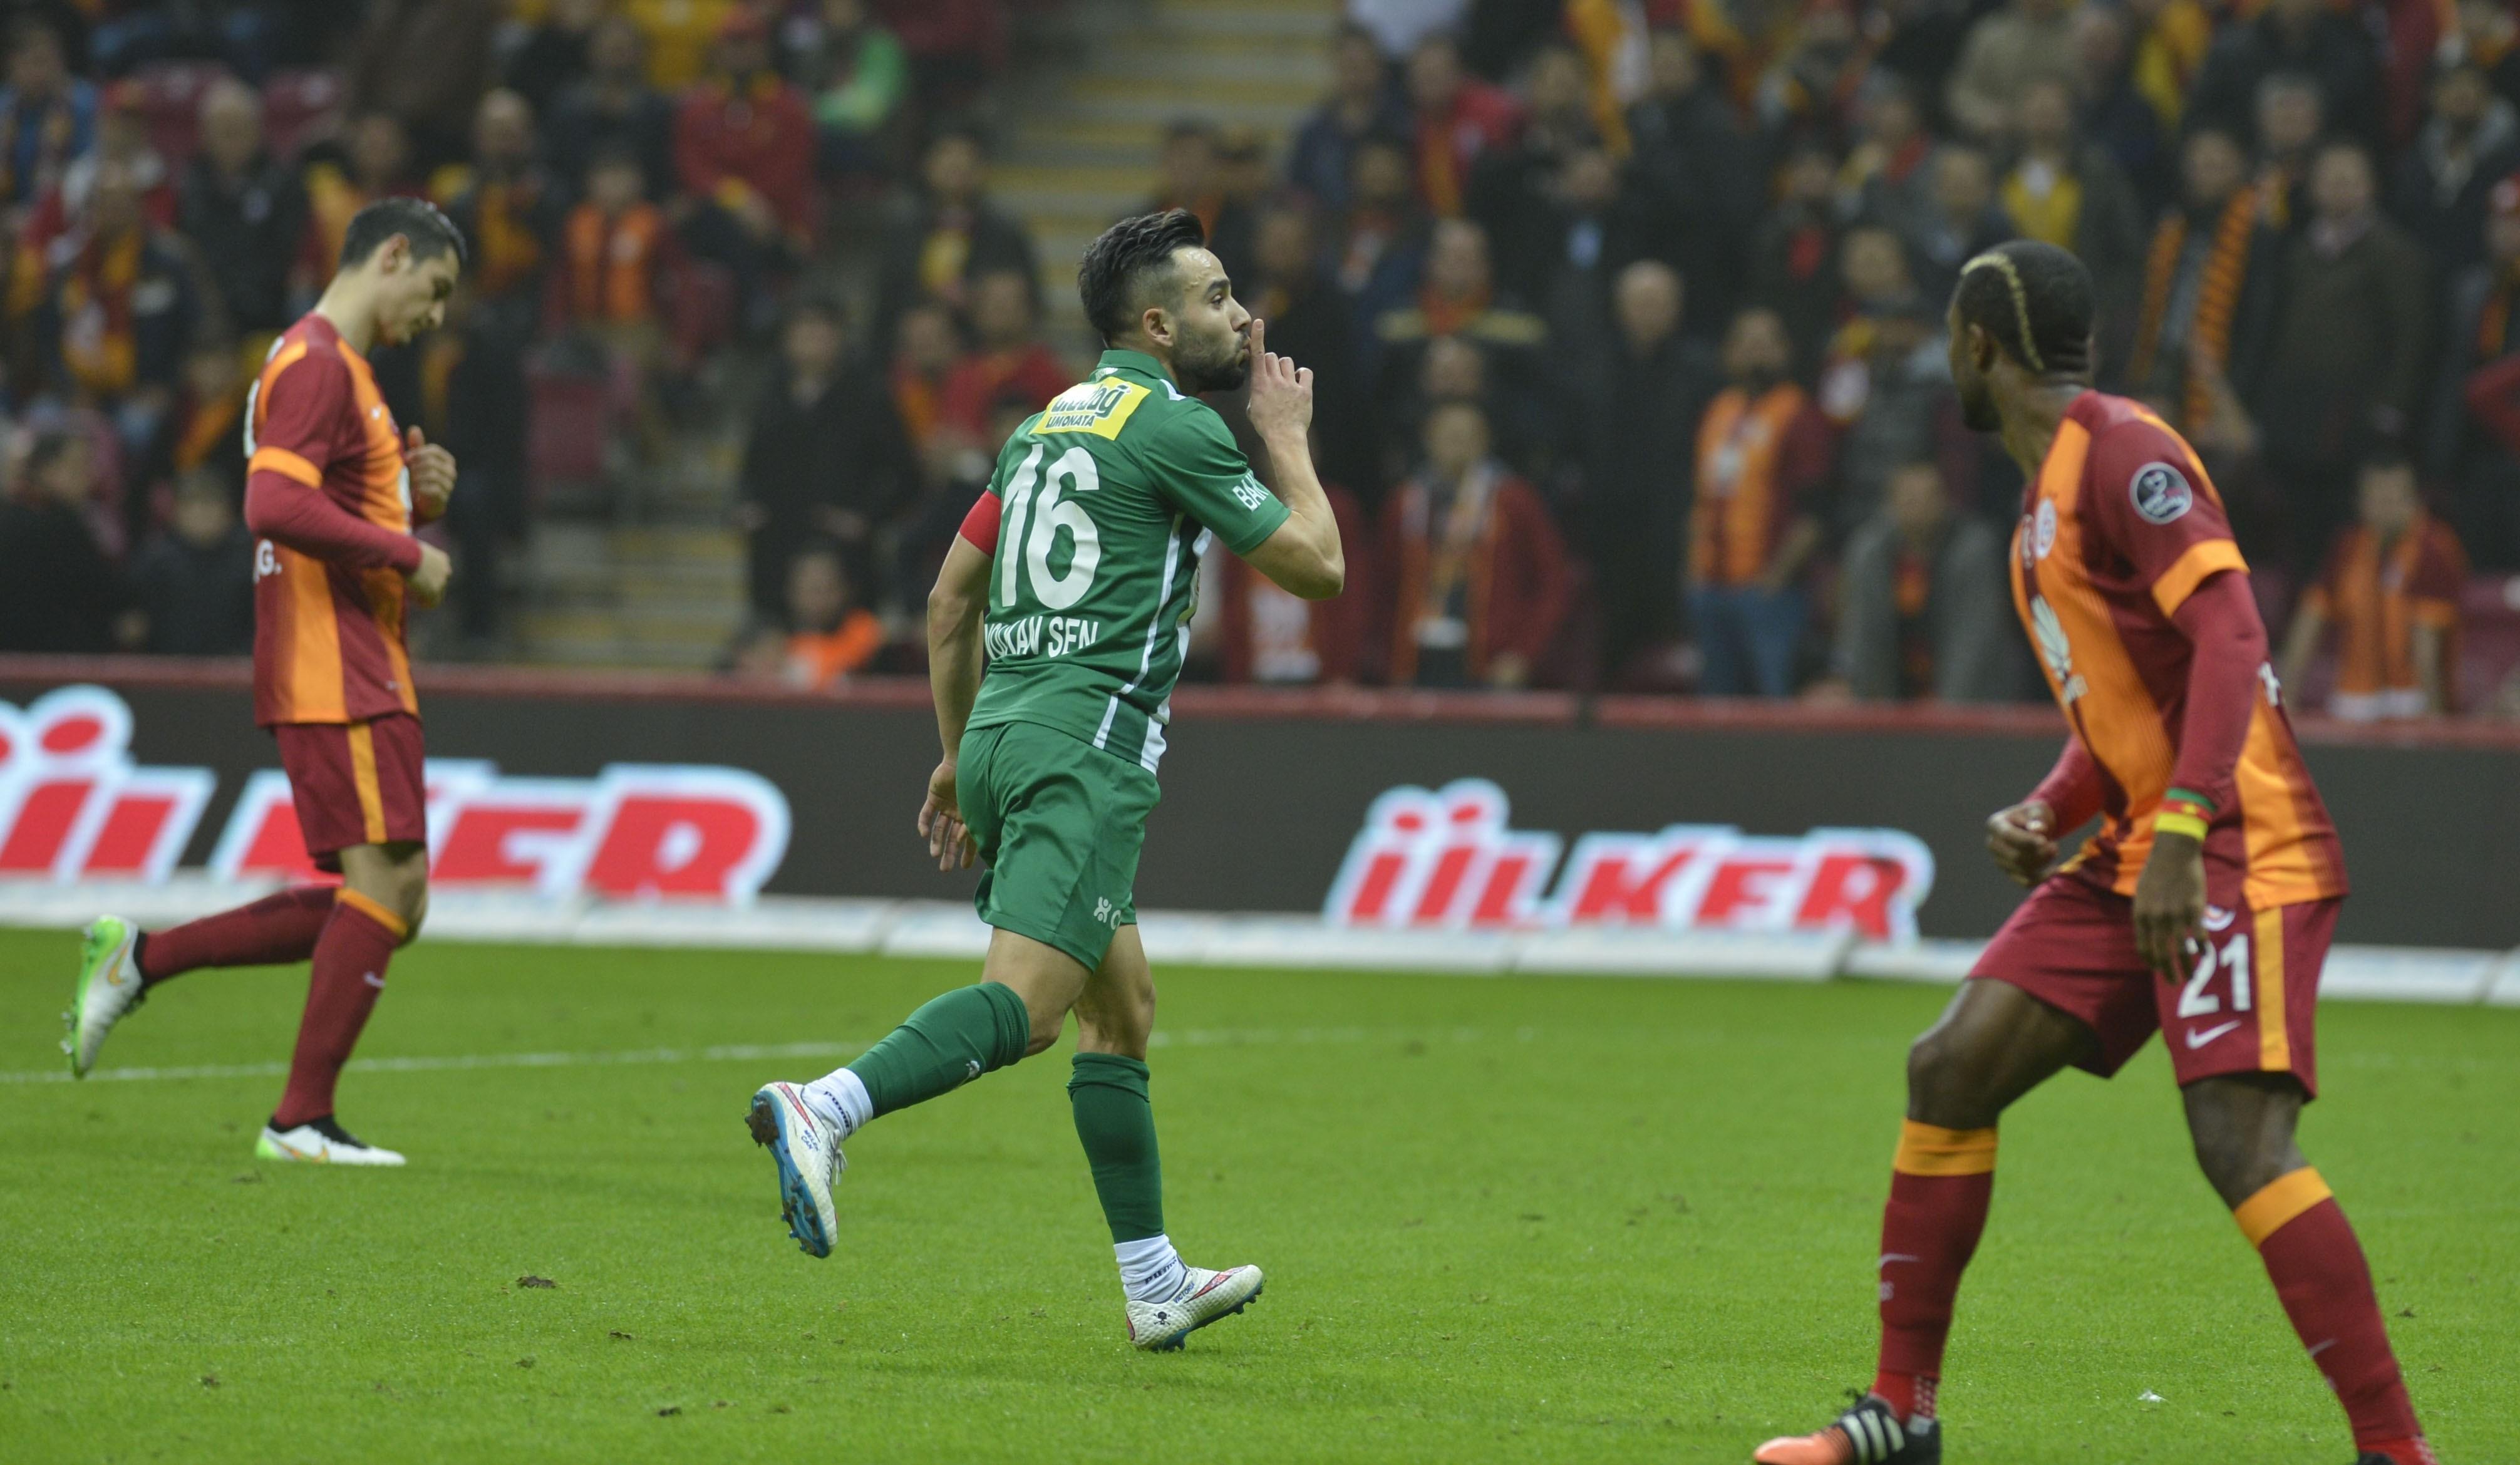 Galatasaray - Bursaspor maç özet, maçın geniş özetini izle. Maçın golleri ve önemli anlarını izle